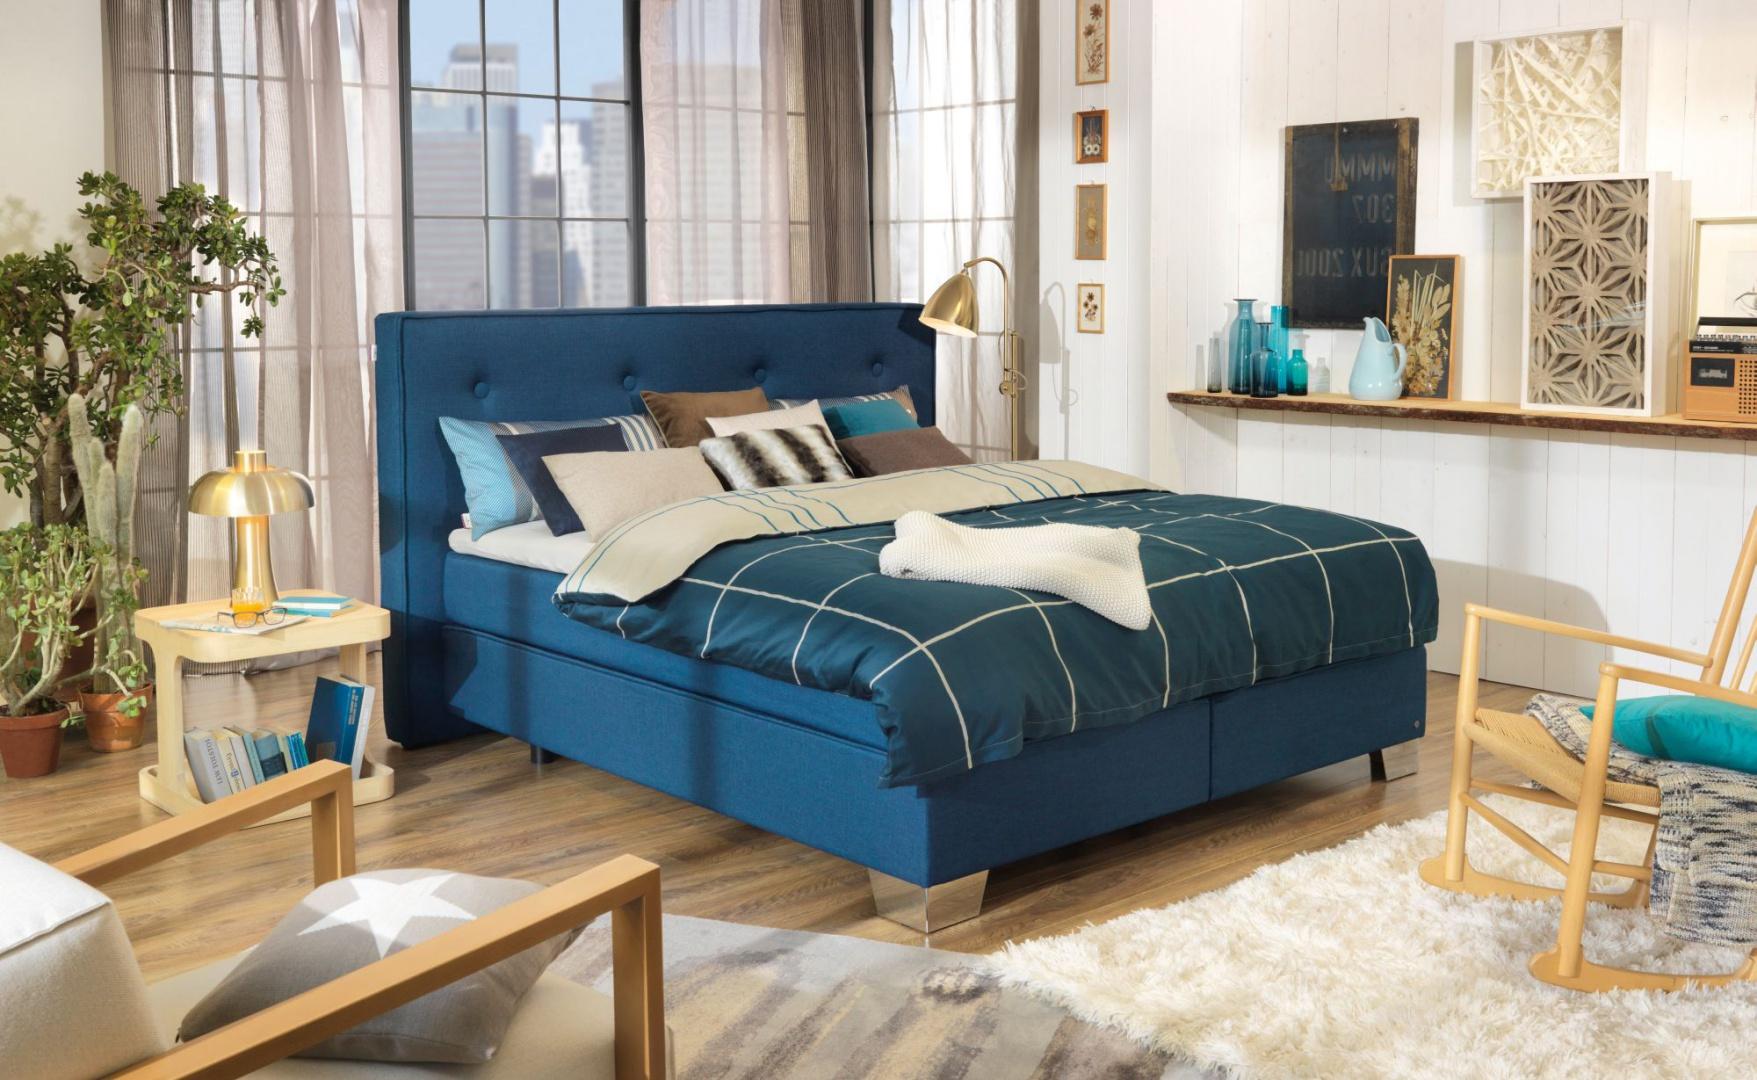 Modna sypialnia to kontrastowe zestawienia. Miękkie, tapicerowane łóżko pięknie komponuje się z drewnianym stolikiem nocnym oraz podłogą. Fot. Tom Tailor.